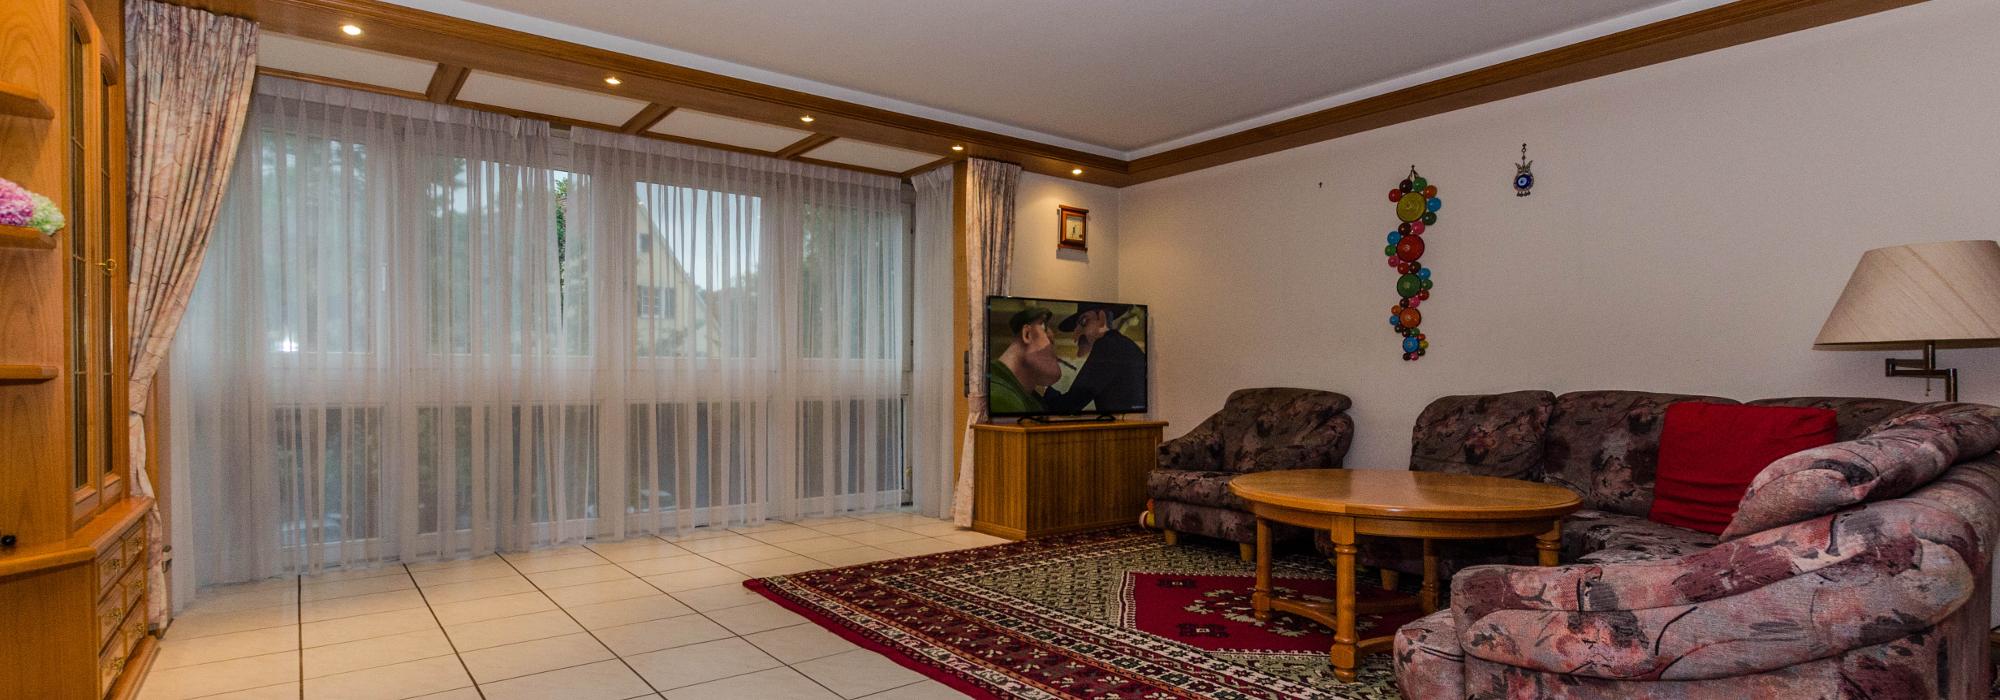 Schöne und solid ausgestattete 3 Zi Wohnung in Stuttgart Stammheim